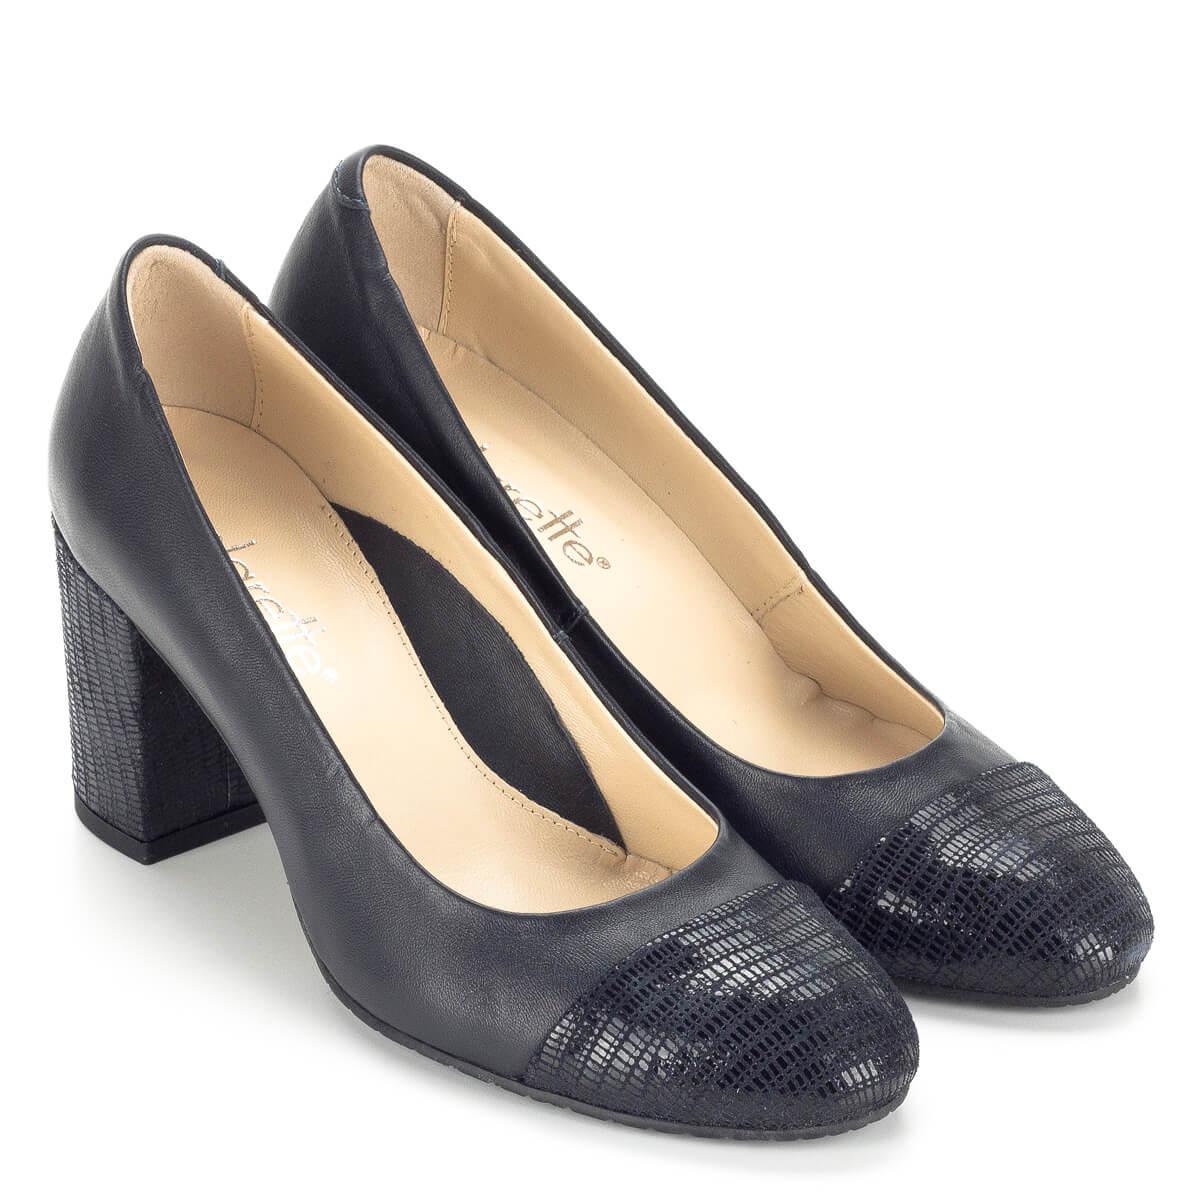 40a88496fe Clarette kék magassarkú női cipő bőr béléssel és bőr felsőrésszel. Csinos,  elegáns női cipő ...